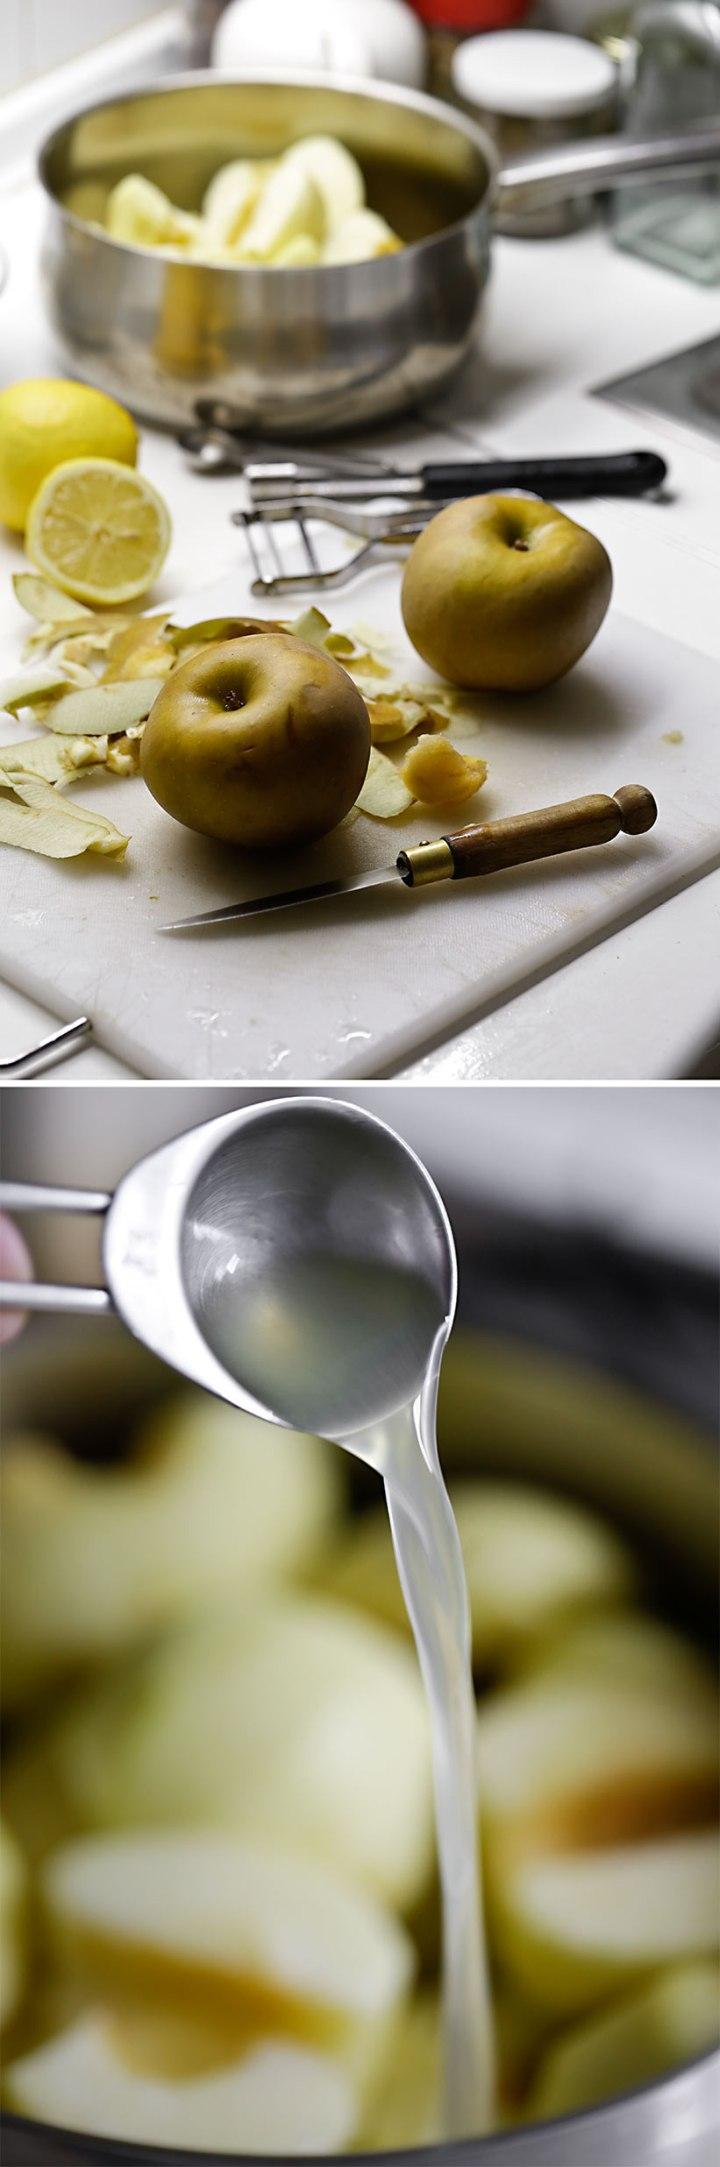 Receta tarta de manzana alemana 8